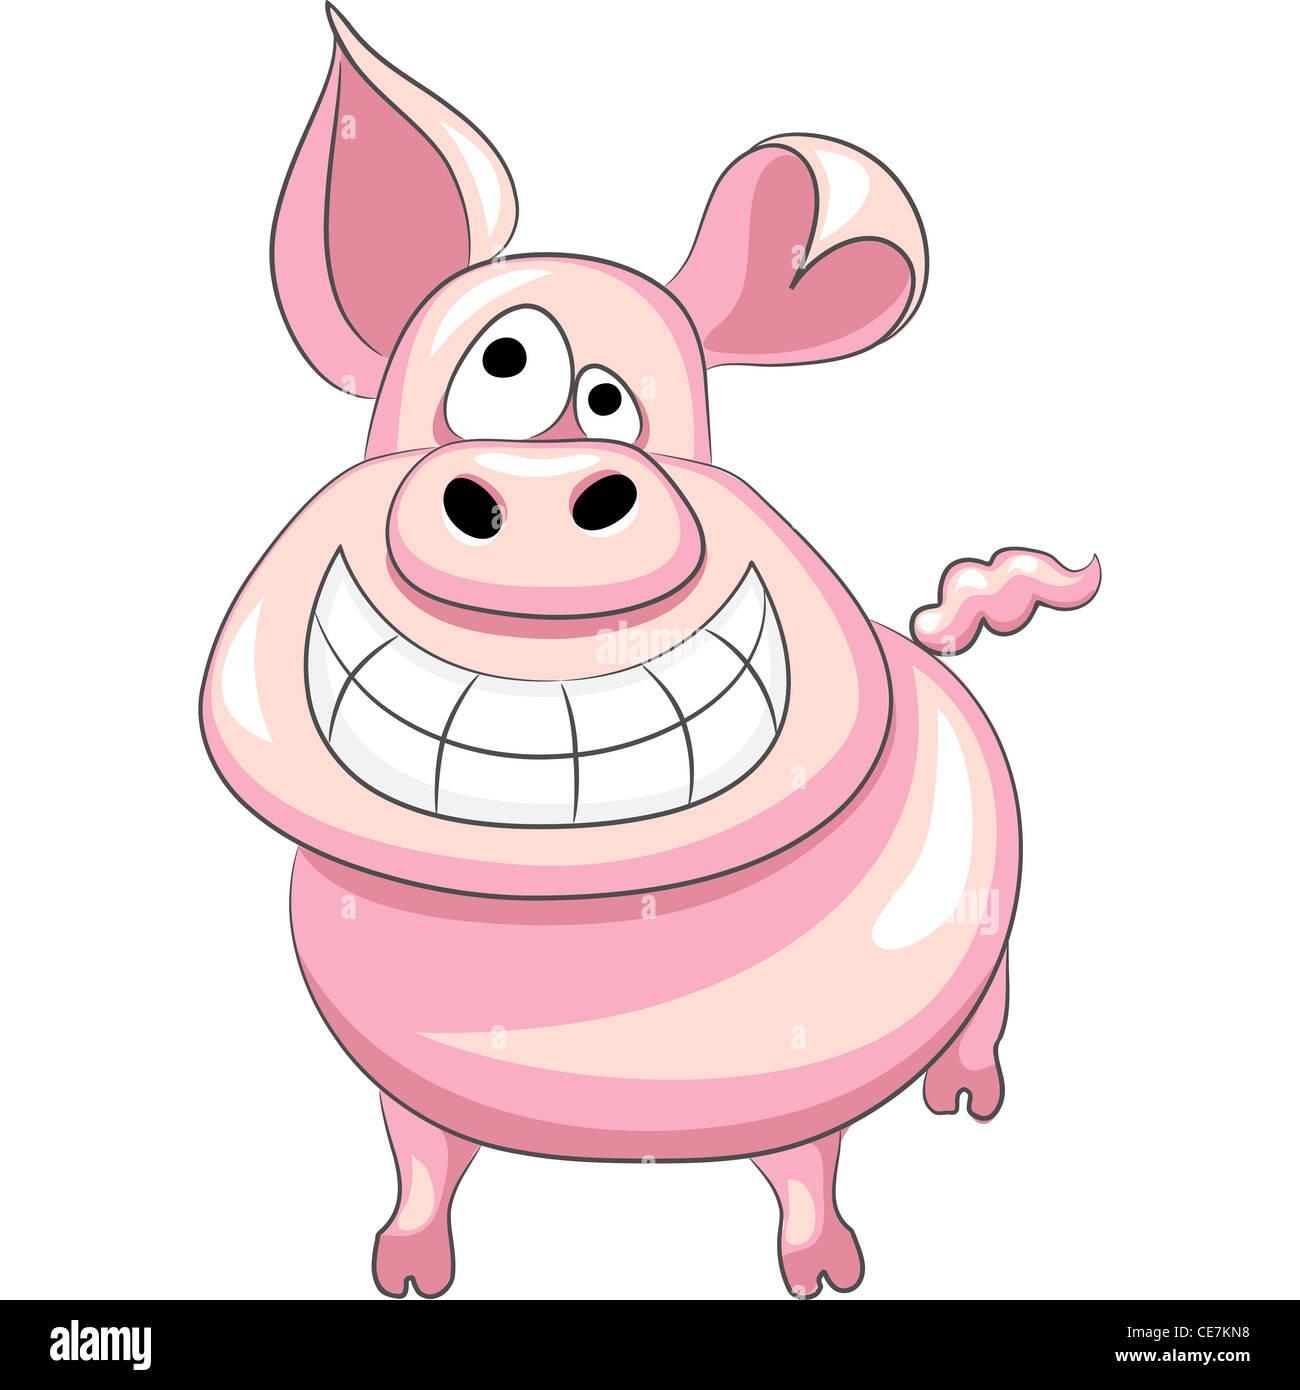 lustige Cartoon glückliches Schwein Lächeln Stockbild